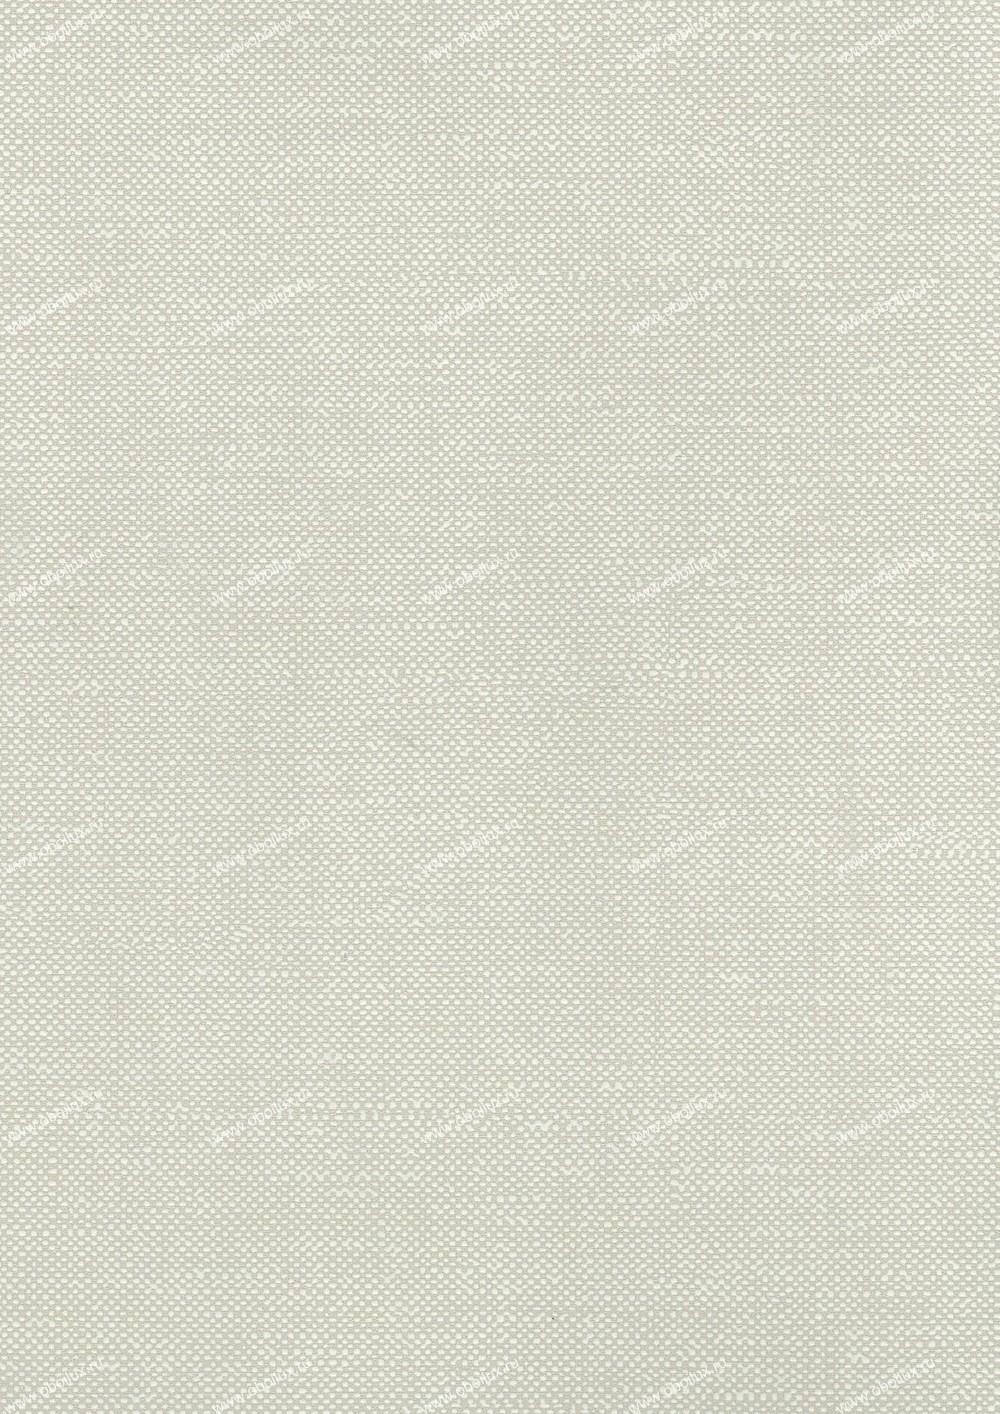 Английские обои Osborne & Little,  коллекция Rabanna, артикулW6343-03